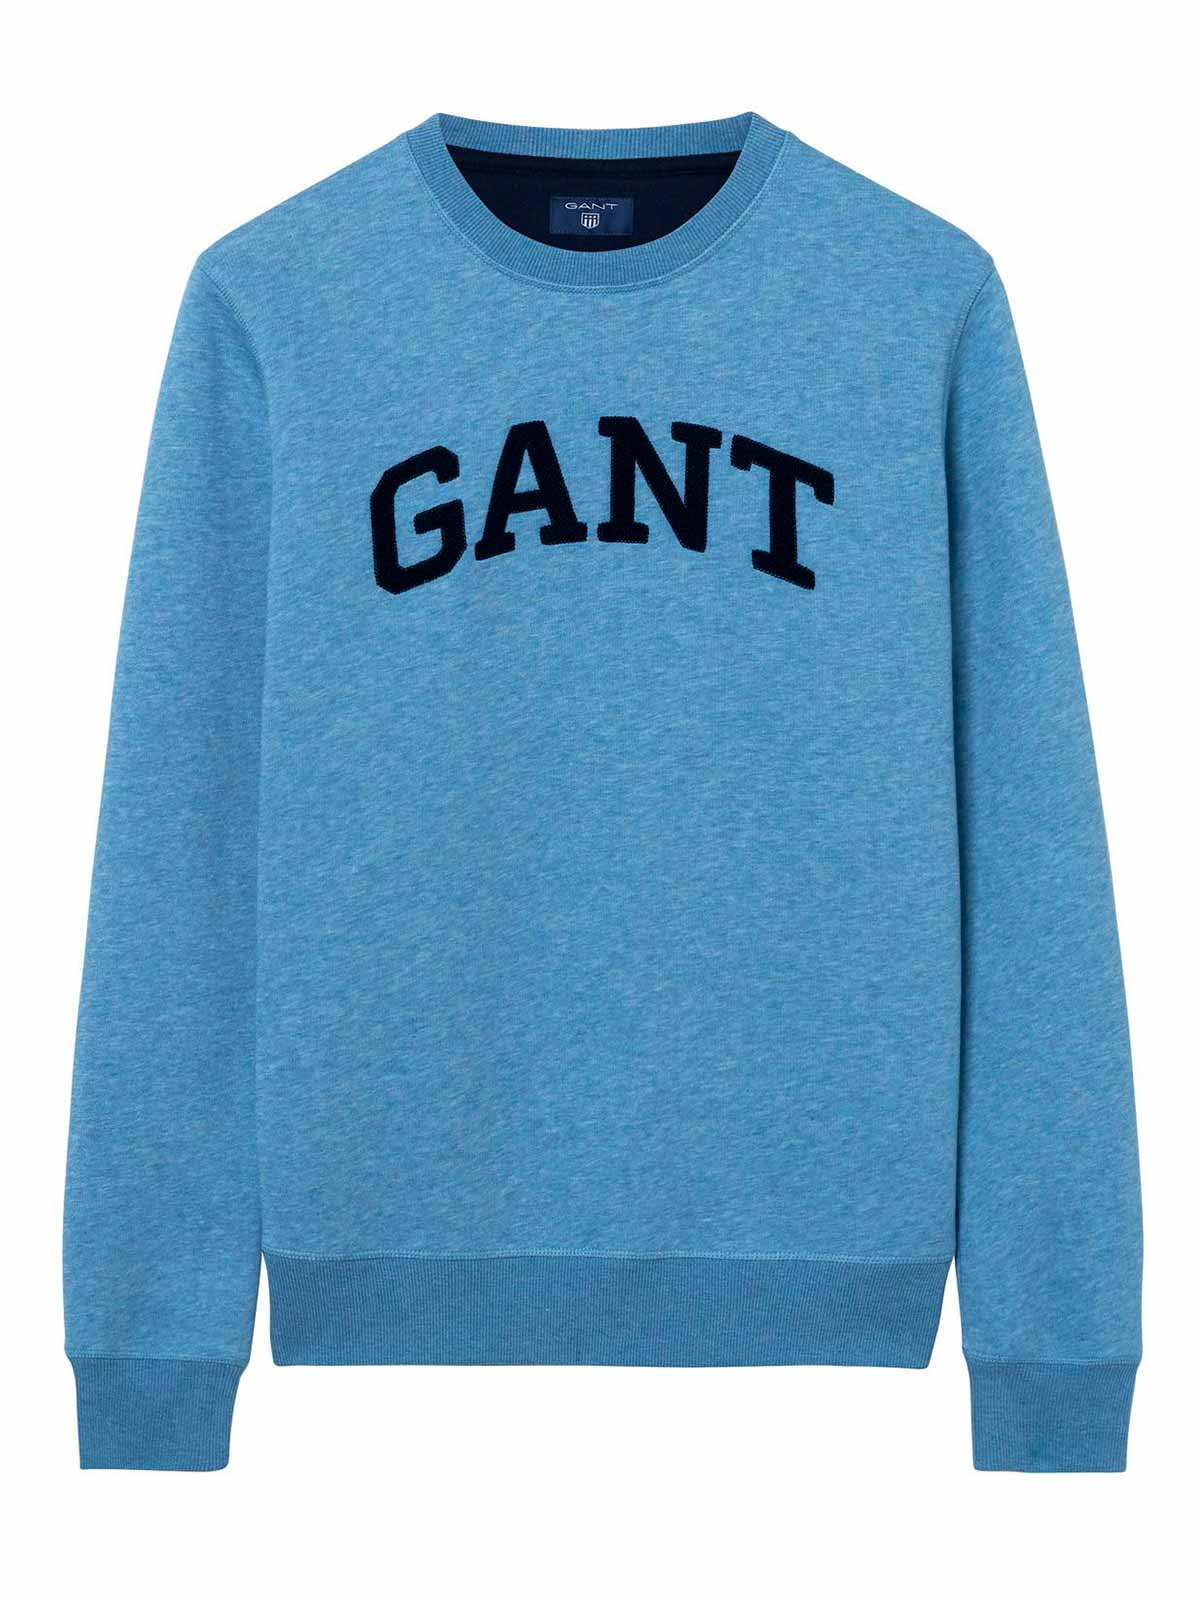 Picture of GANT | Men's Crewneck Sweater